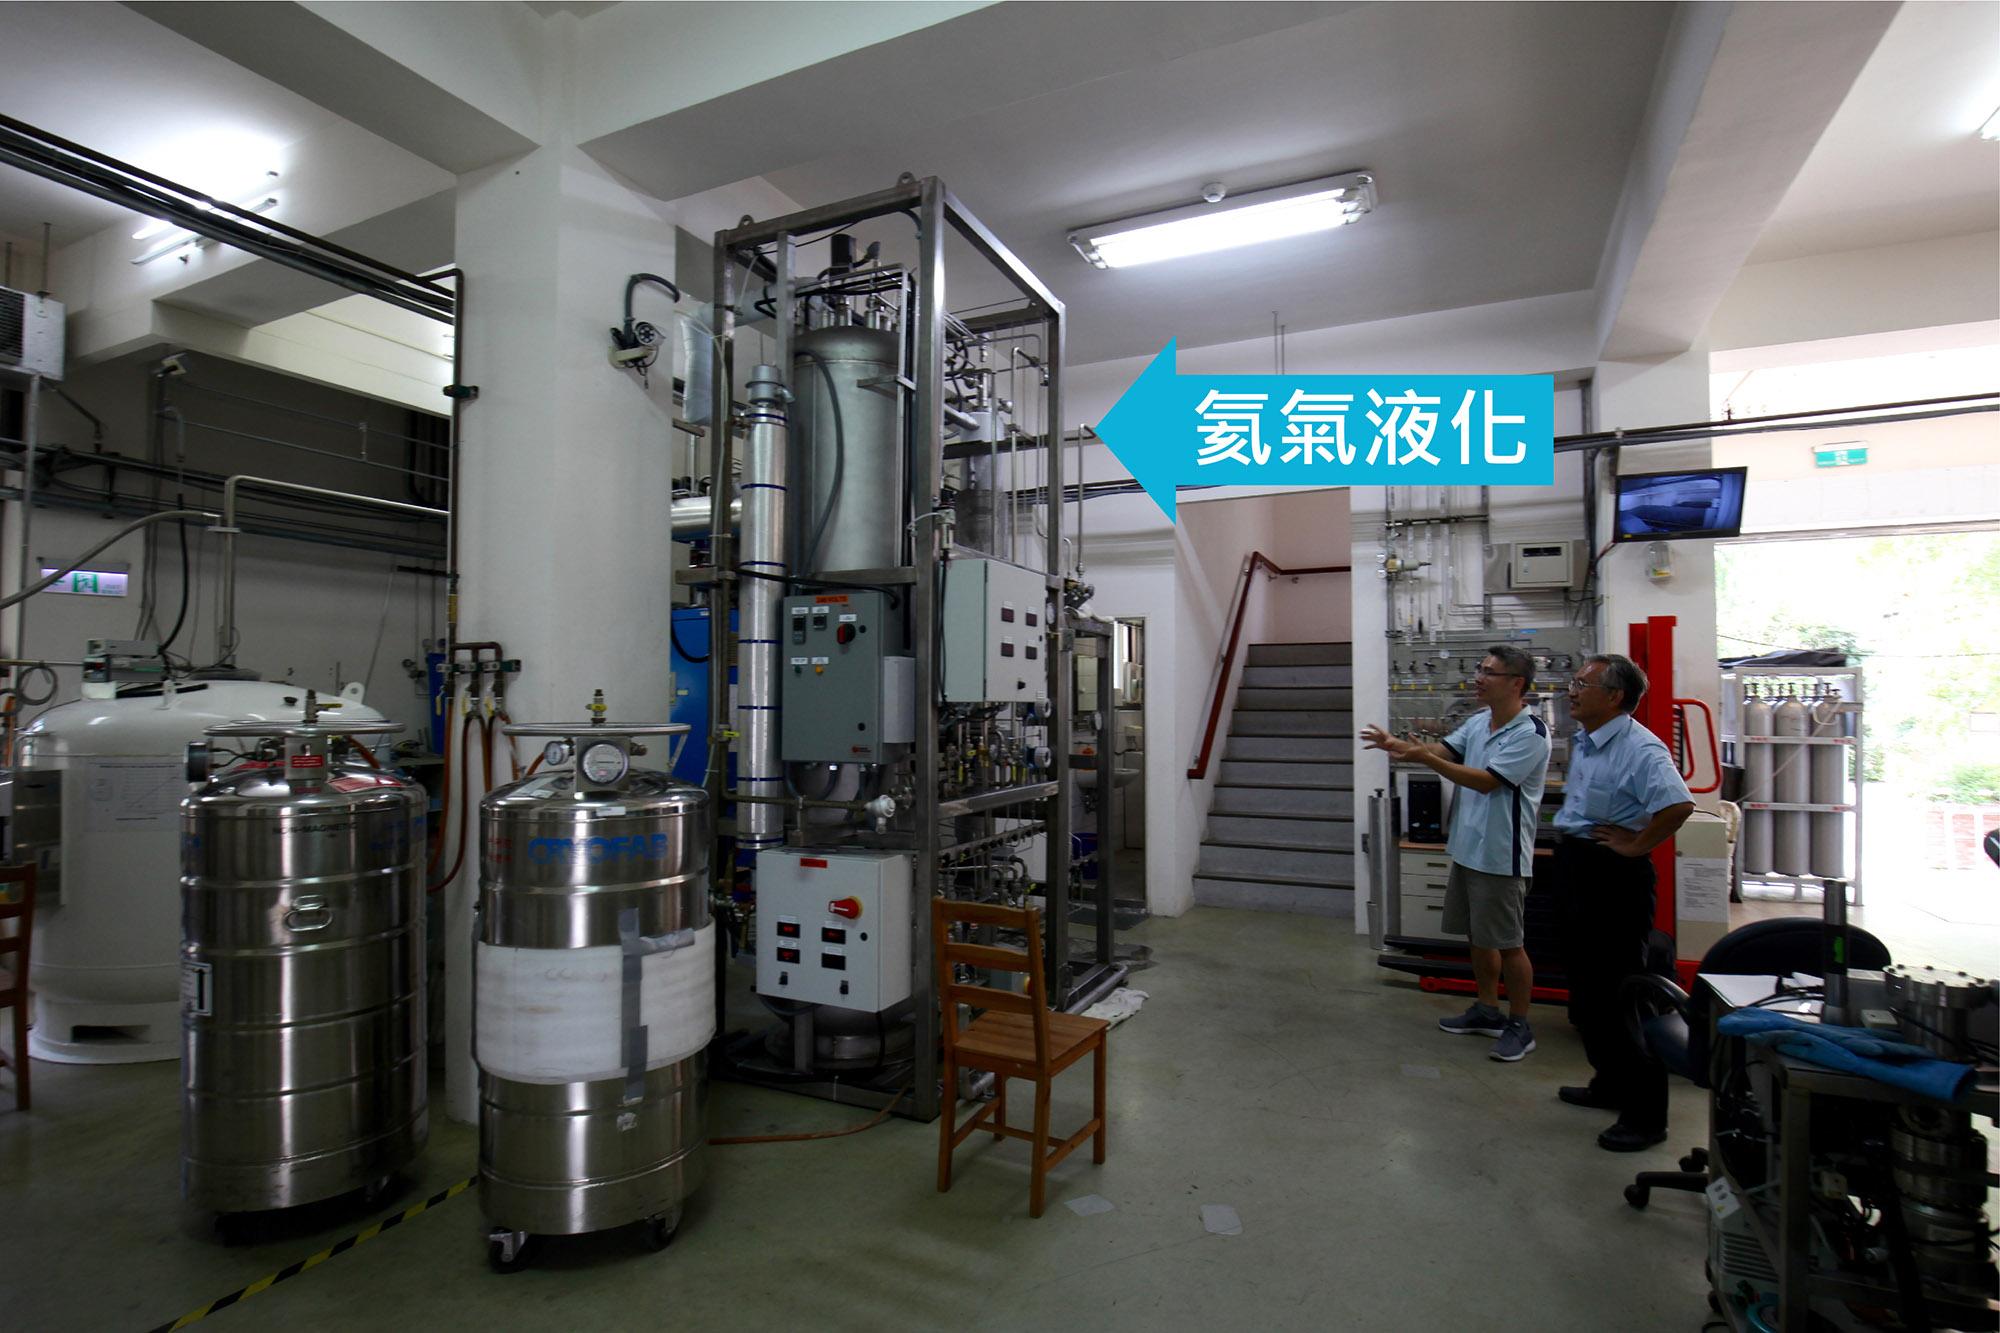 氦液化機室:回收的氦氣,經過這台機器液化後,再次用於物理所的低溫實驗。 攝影│廖英凱 圖說重製│張語辰